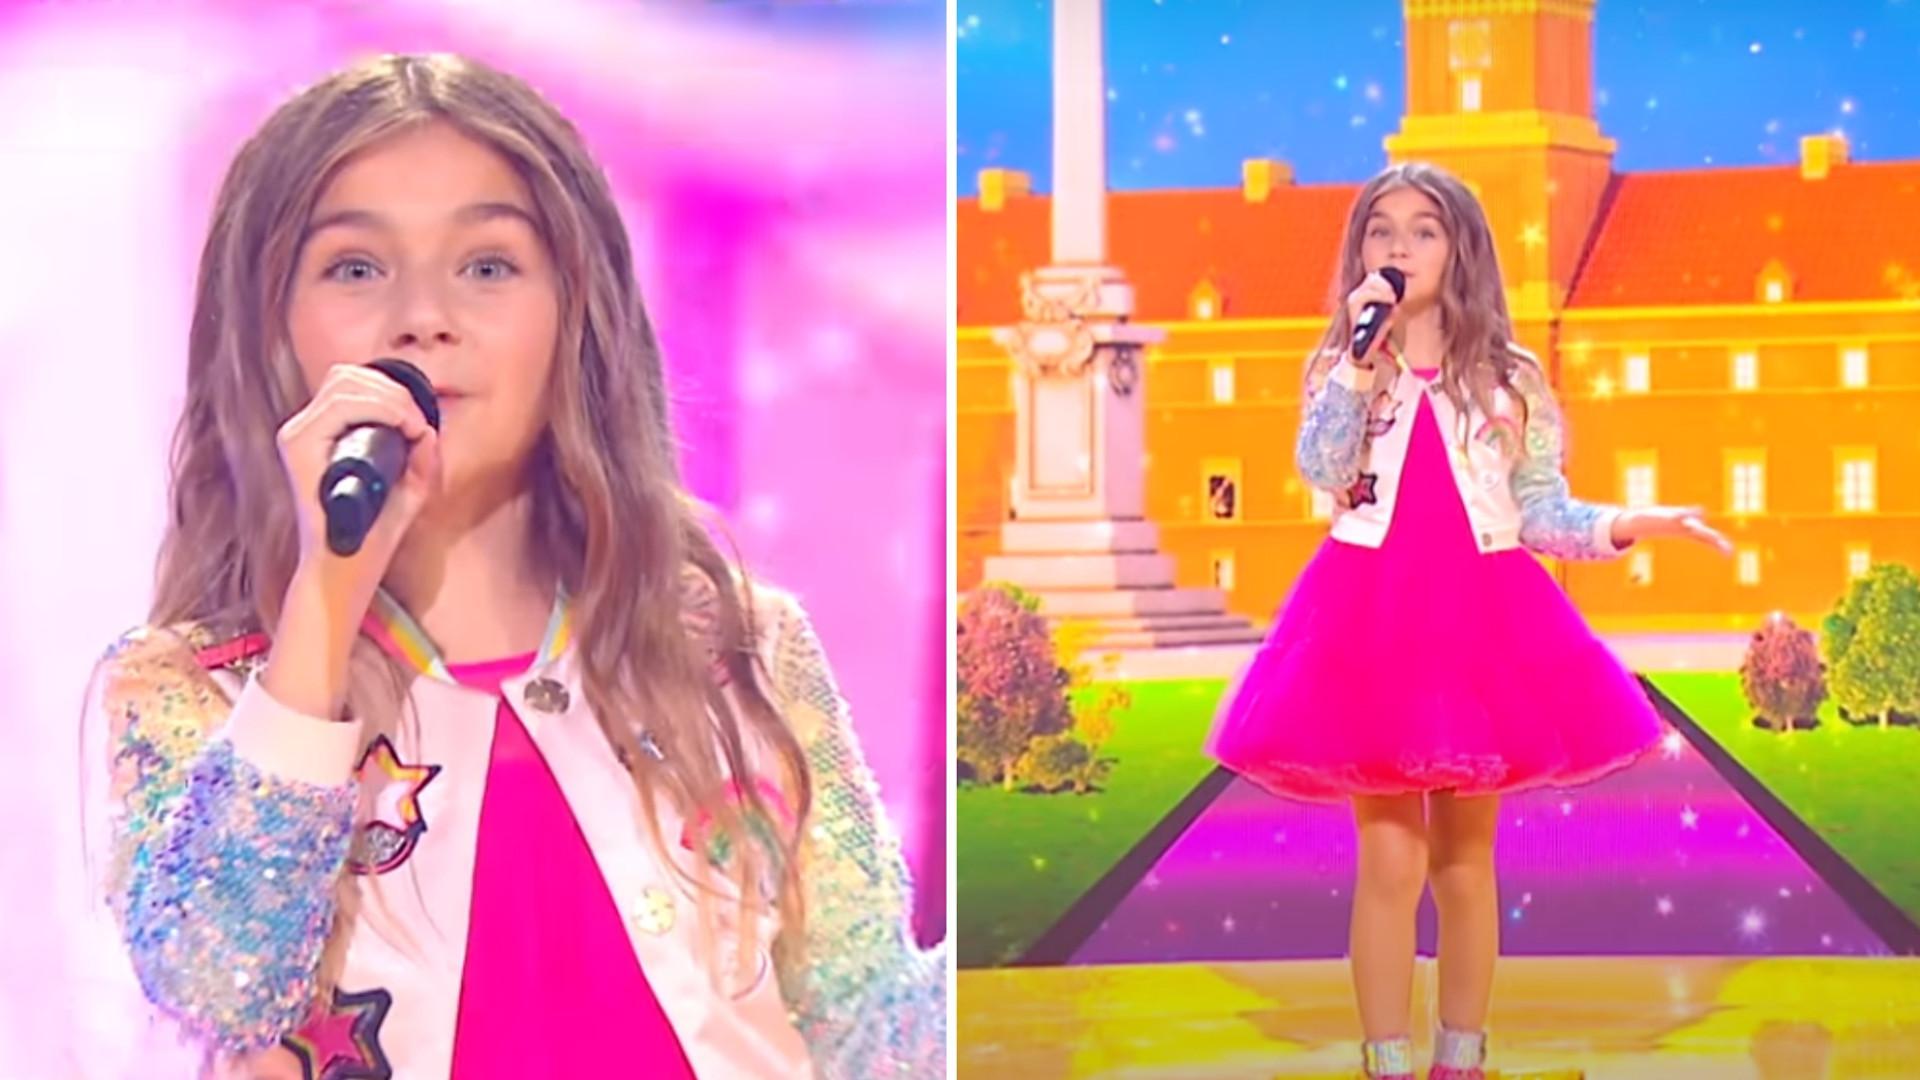 Zwyciężczyni Eurowizji Junior zaśpiewała z playbacku? Nie brakuje takich komentarzy